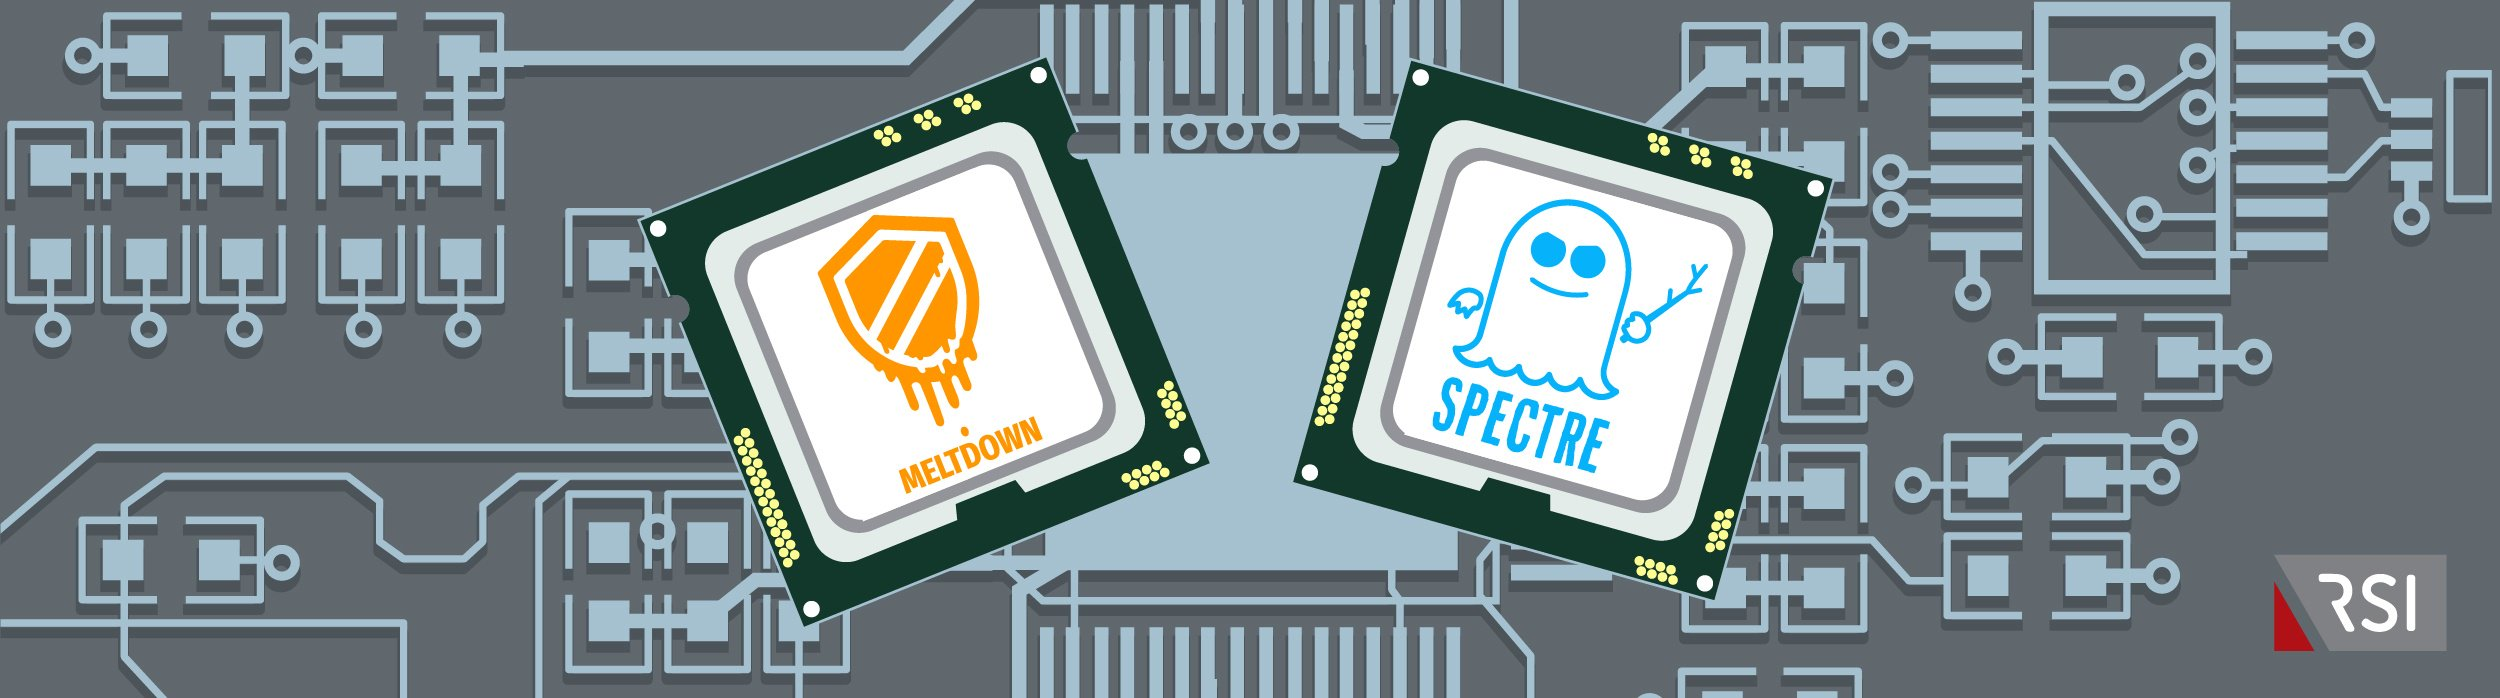 spectre-meltdown-rsi-banner.jpg